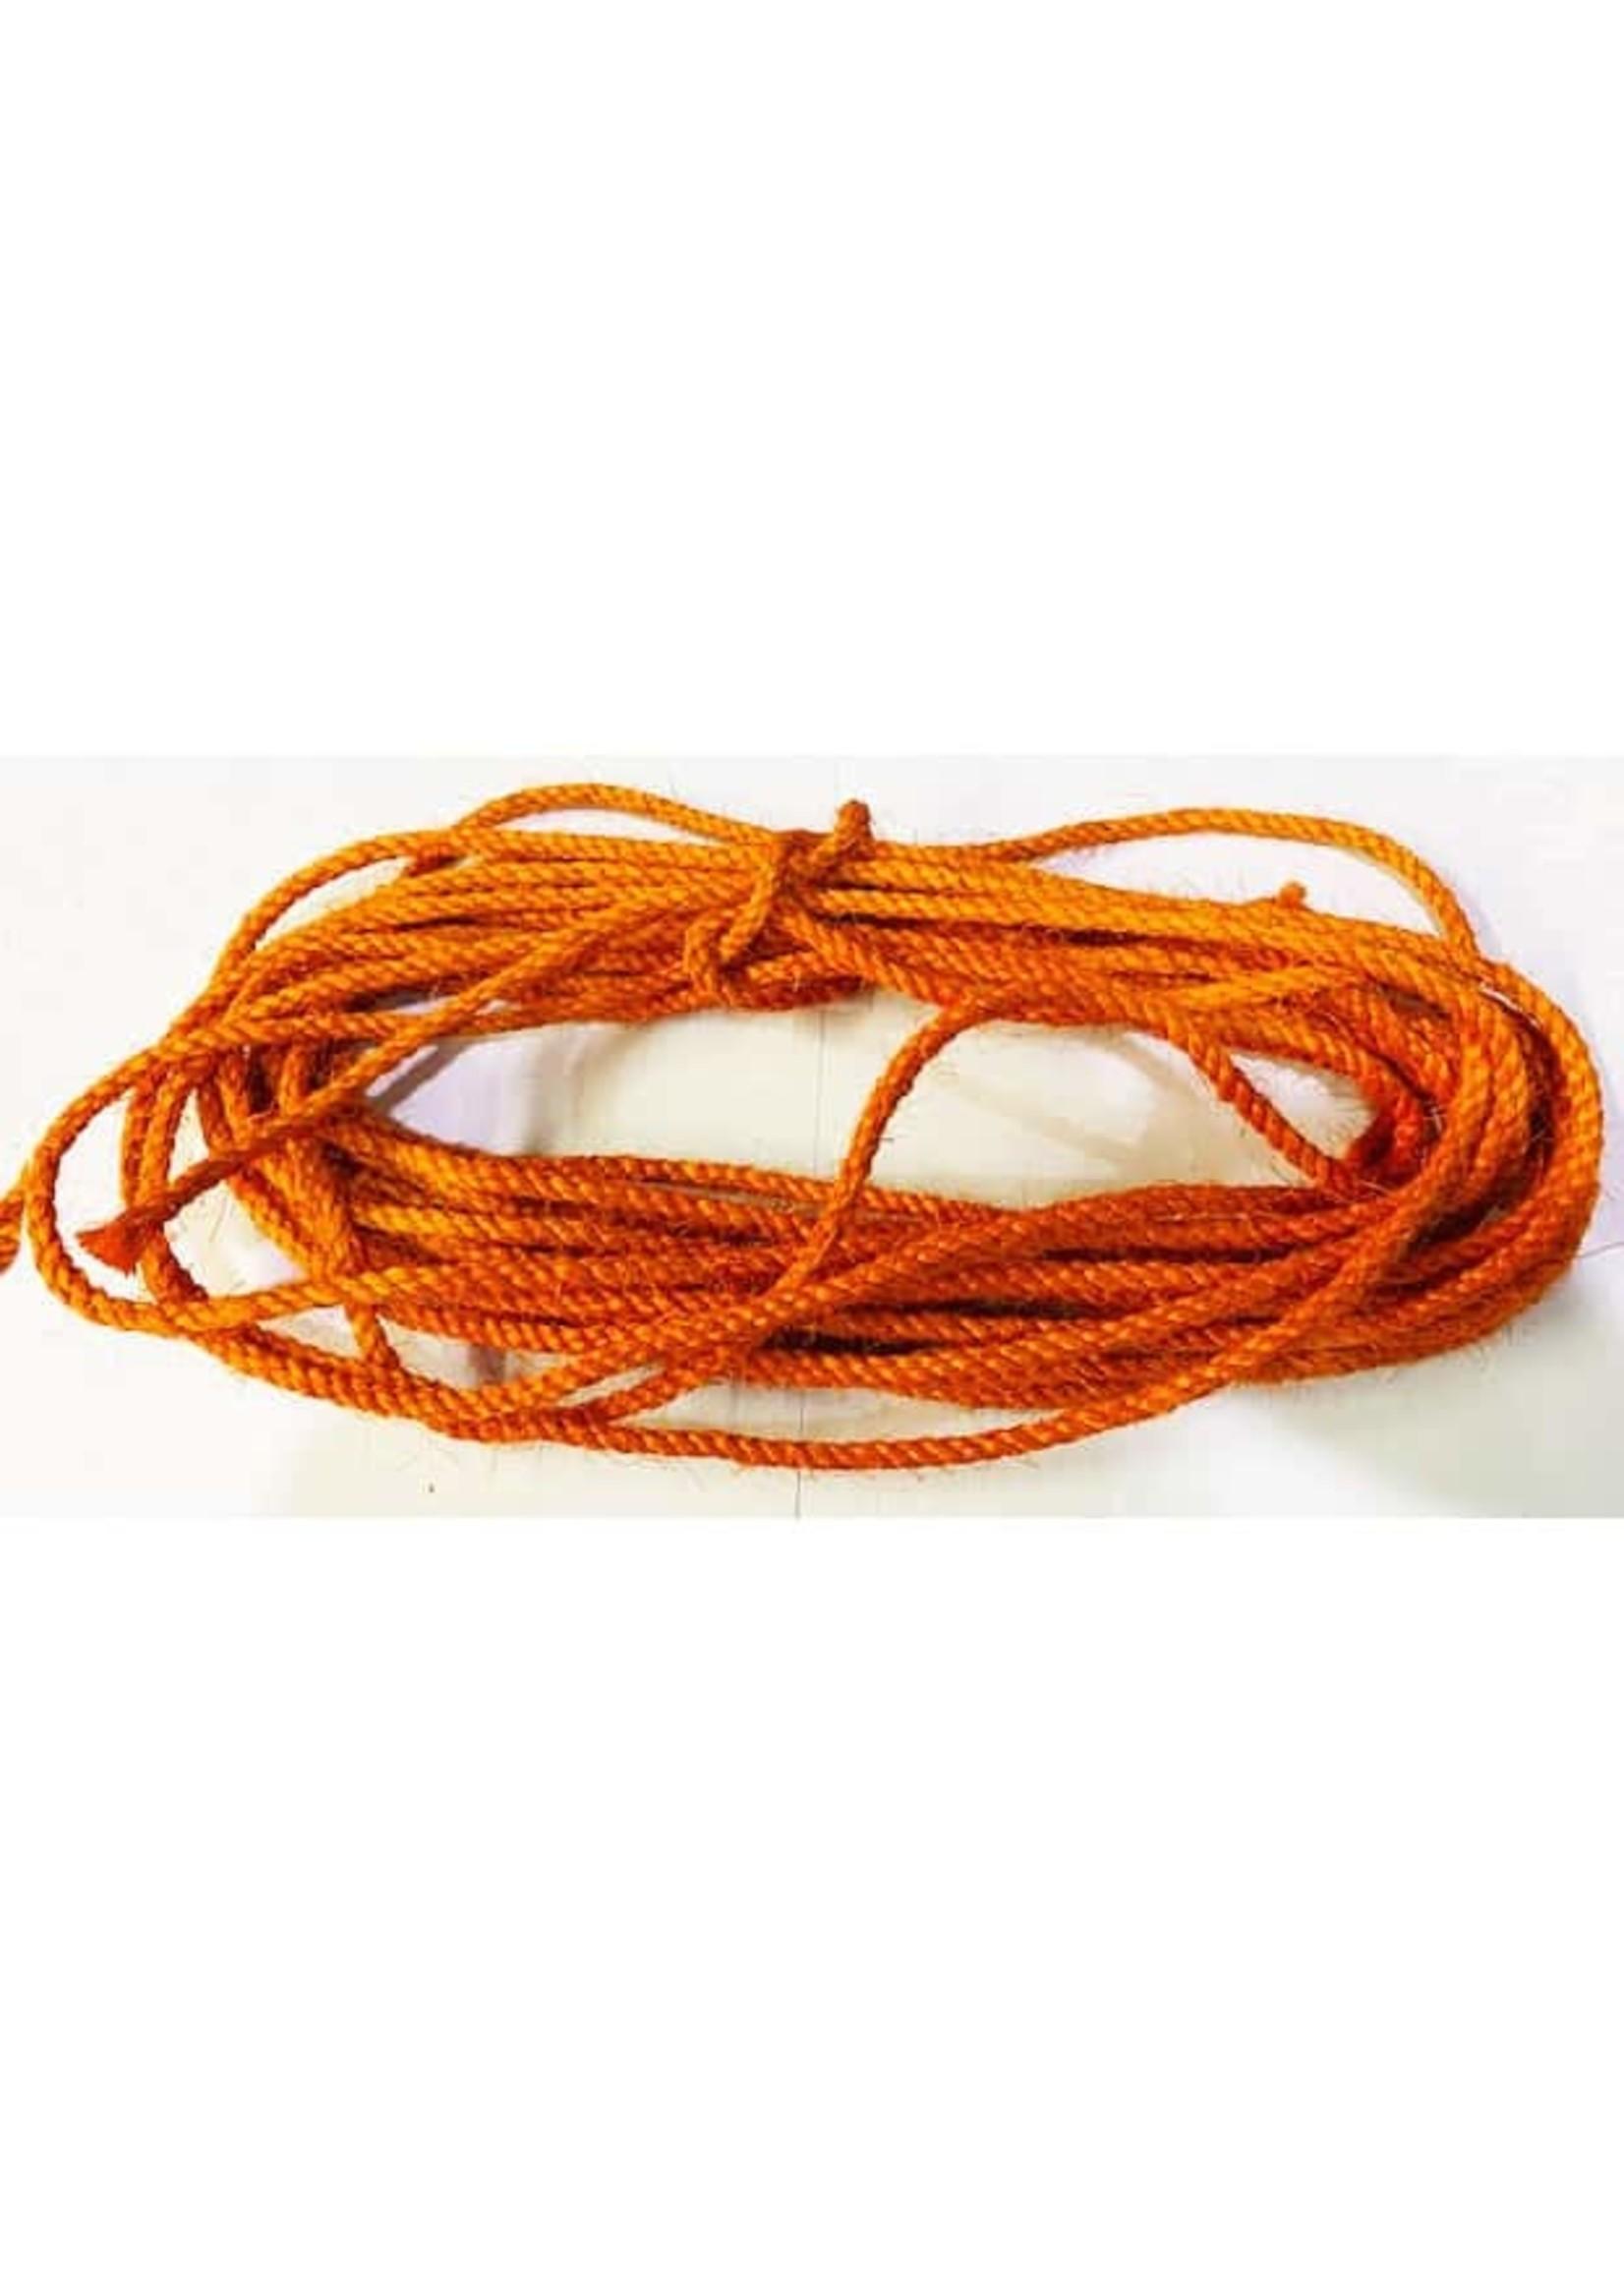 """Zoo-Max Zoo Max Orange Sisal Rope per Foot (1/4"""" diameter) per foot"""